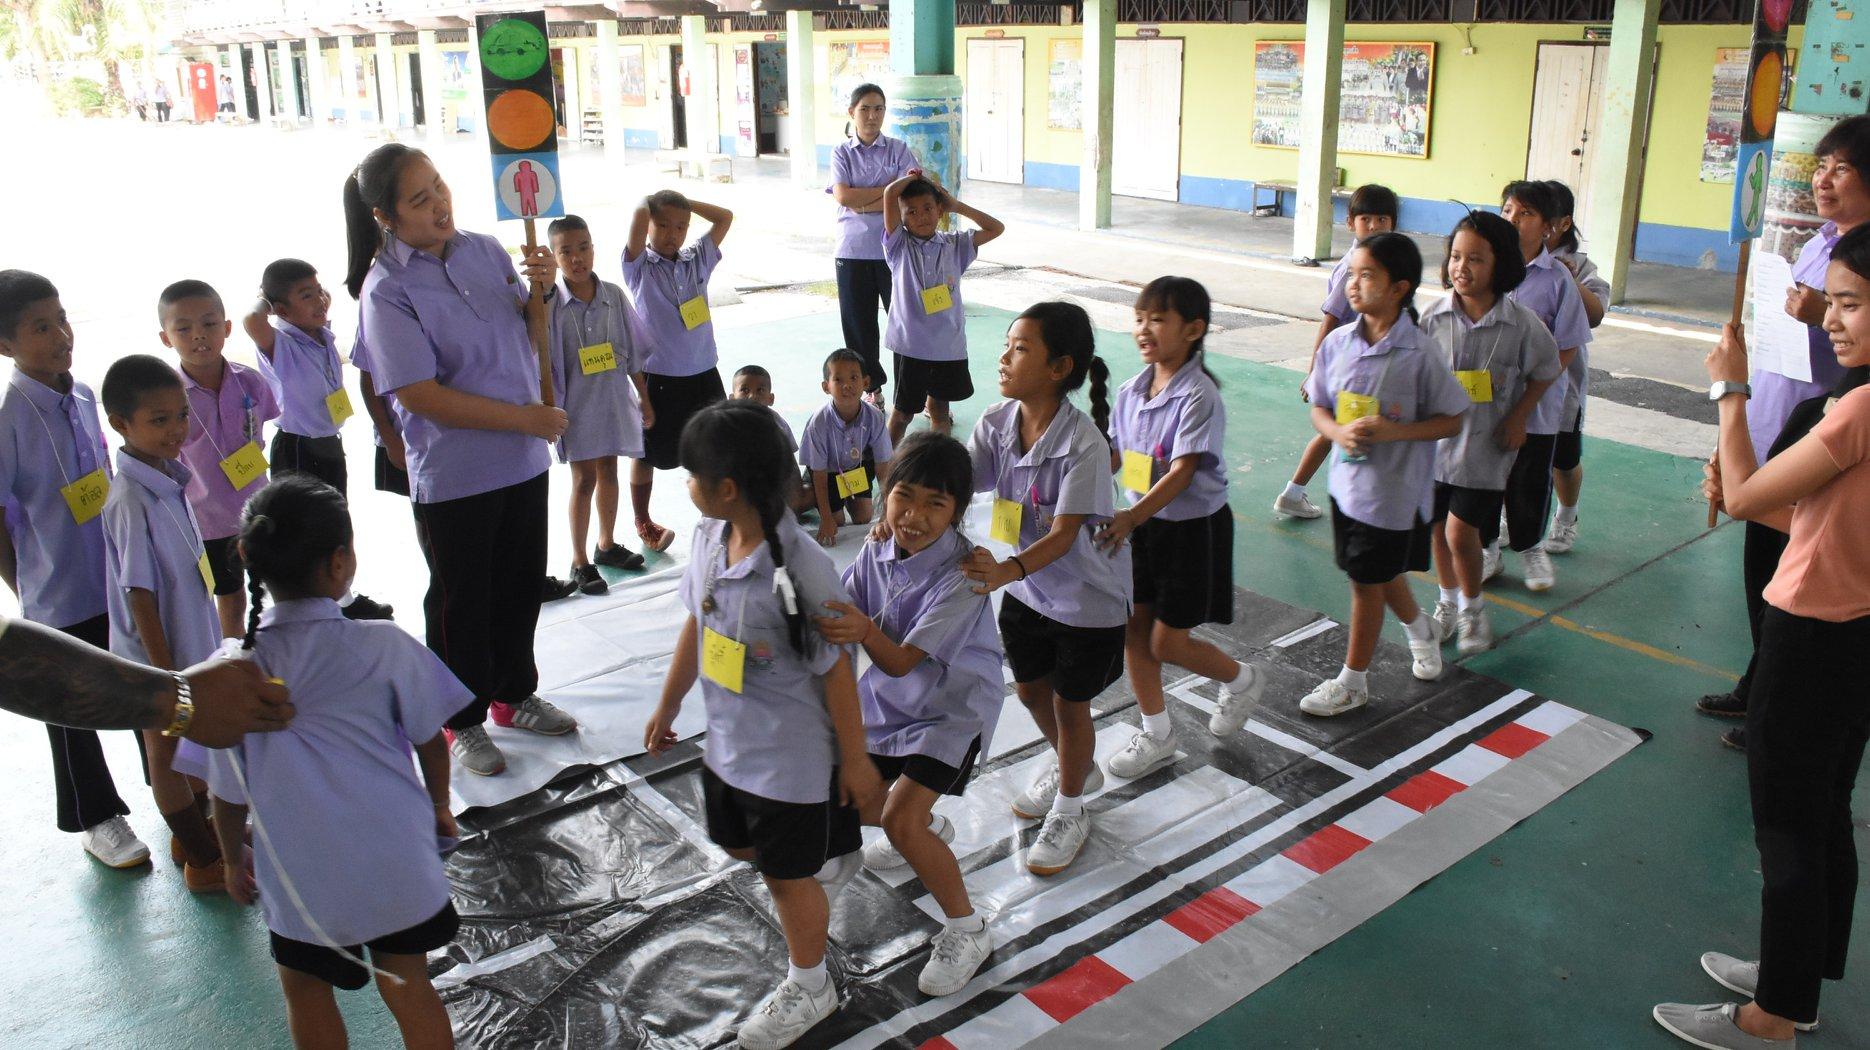 เดินเท้าปลอดภัย สำหรับเด็ก ป.1-ป.3